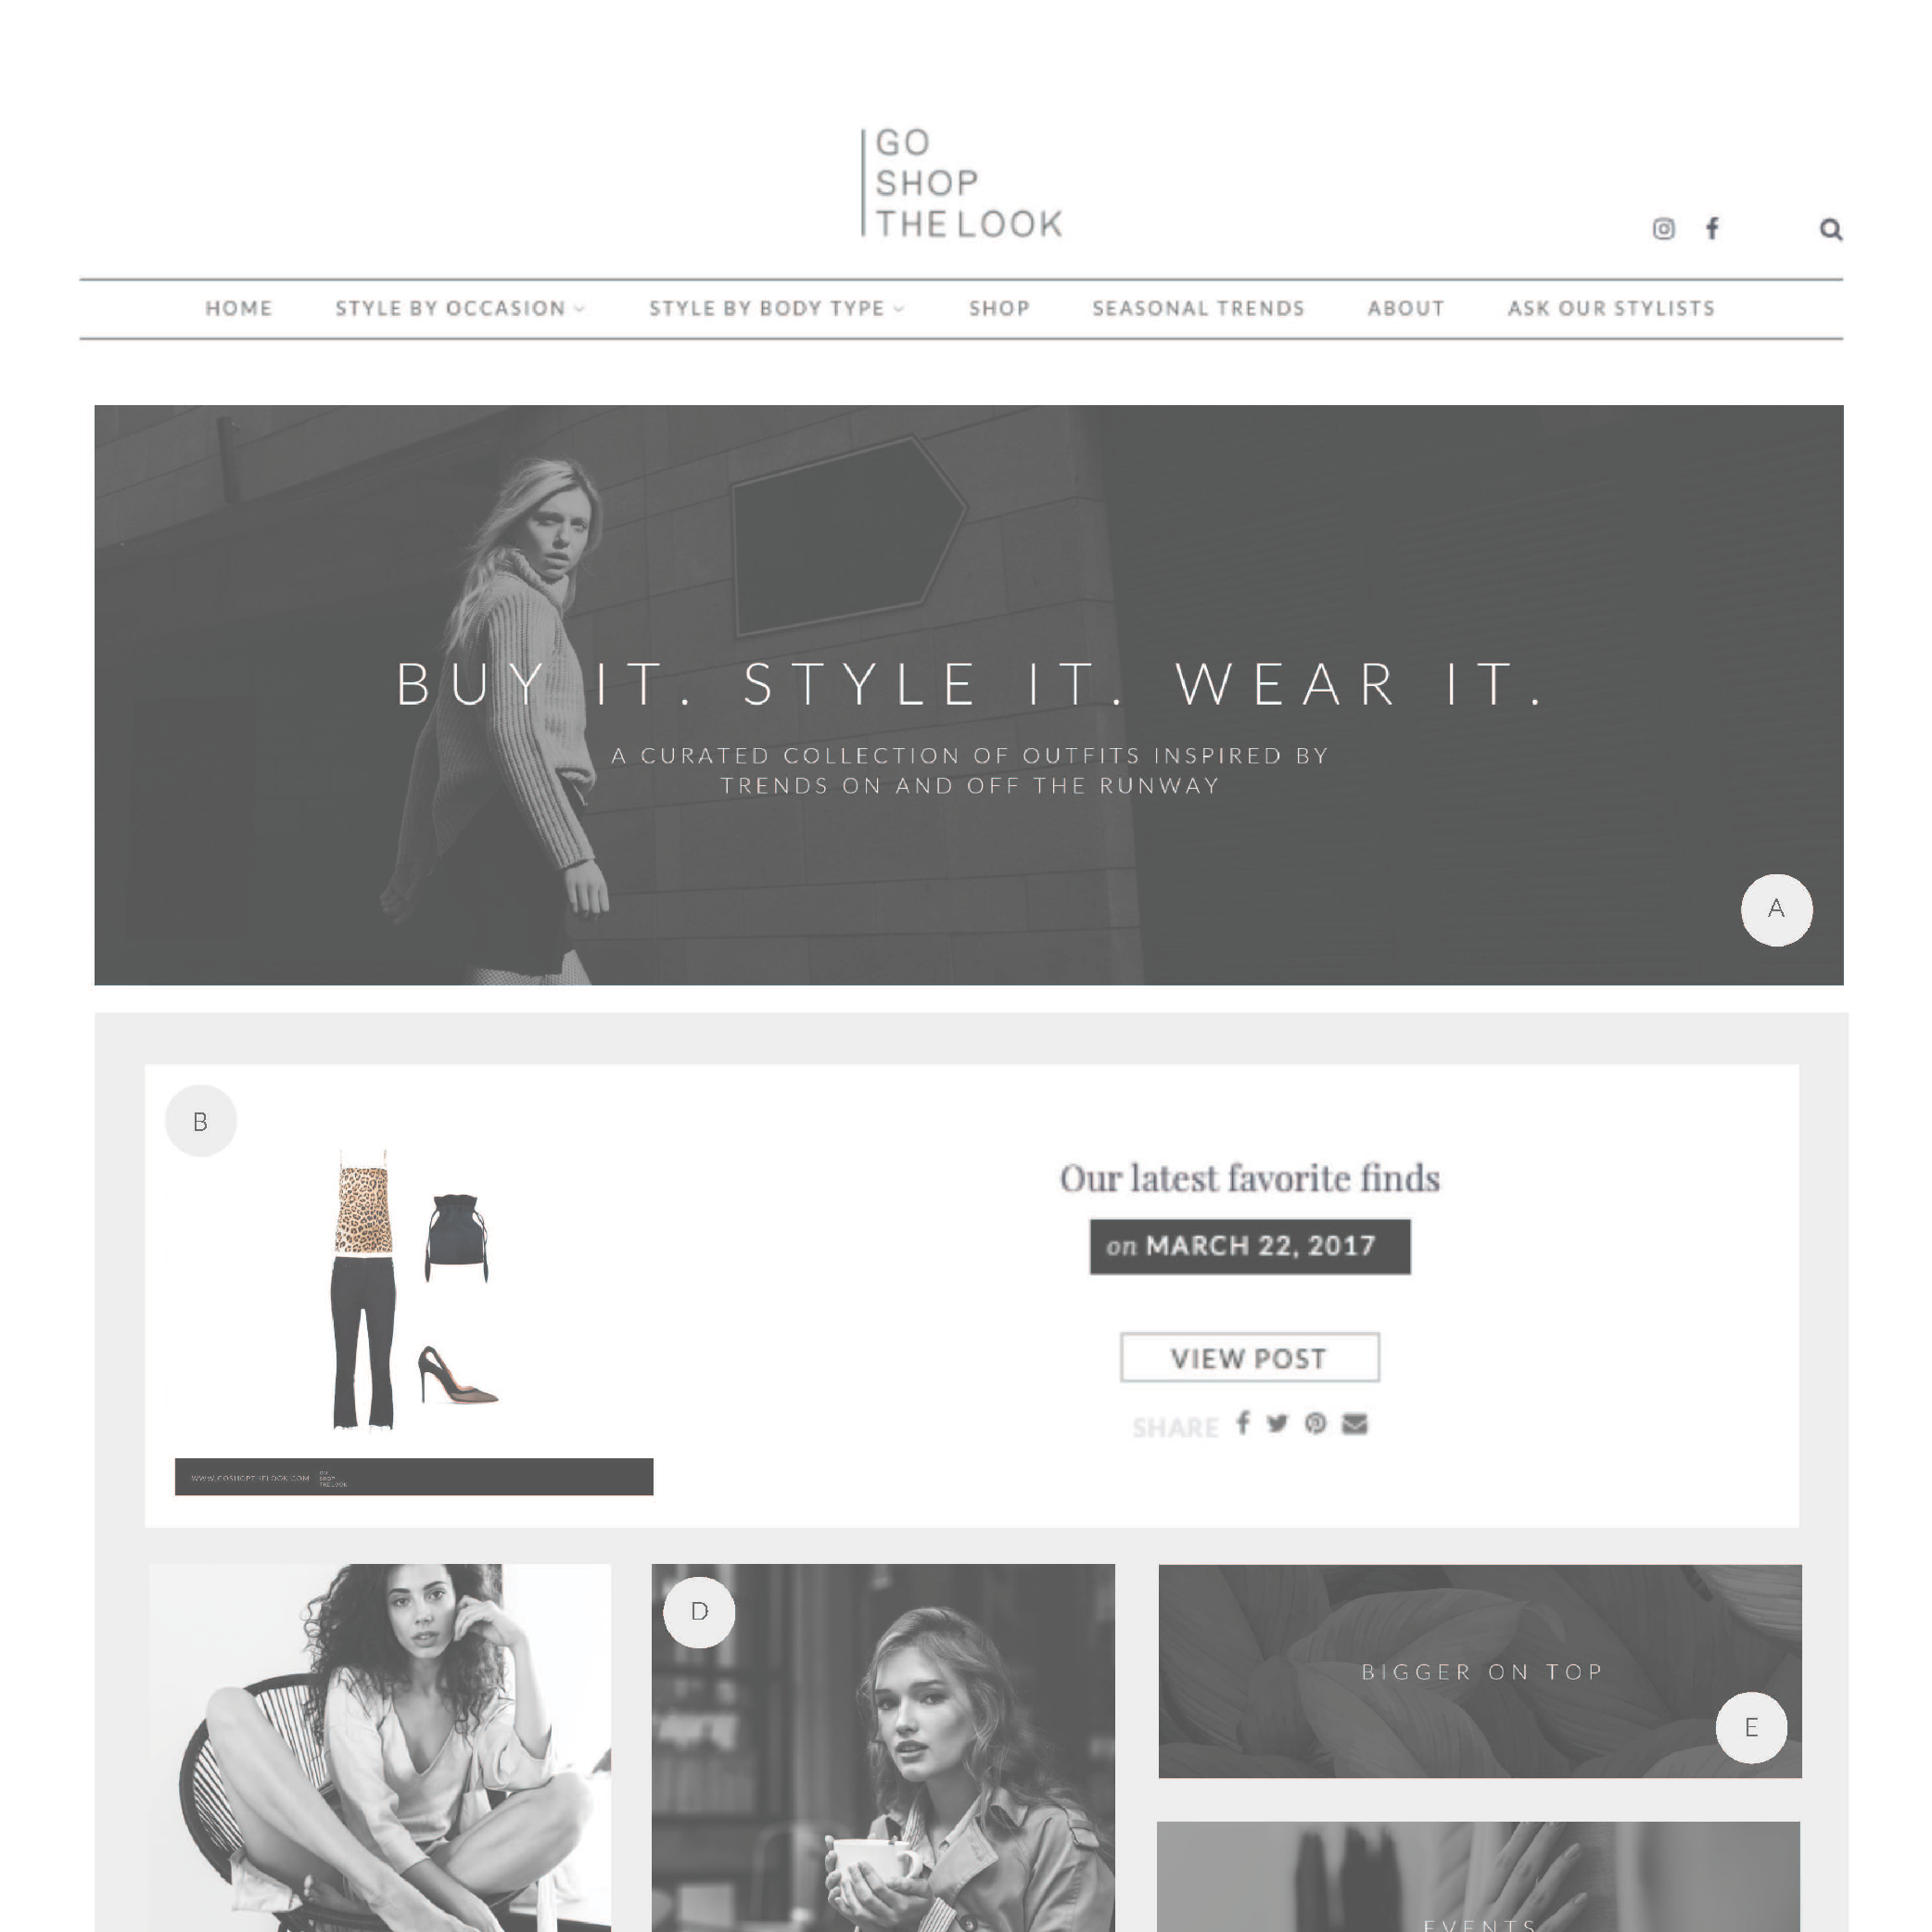 Website Elements